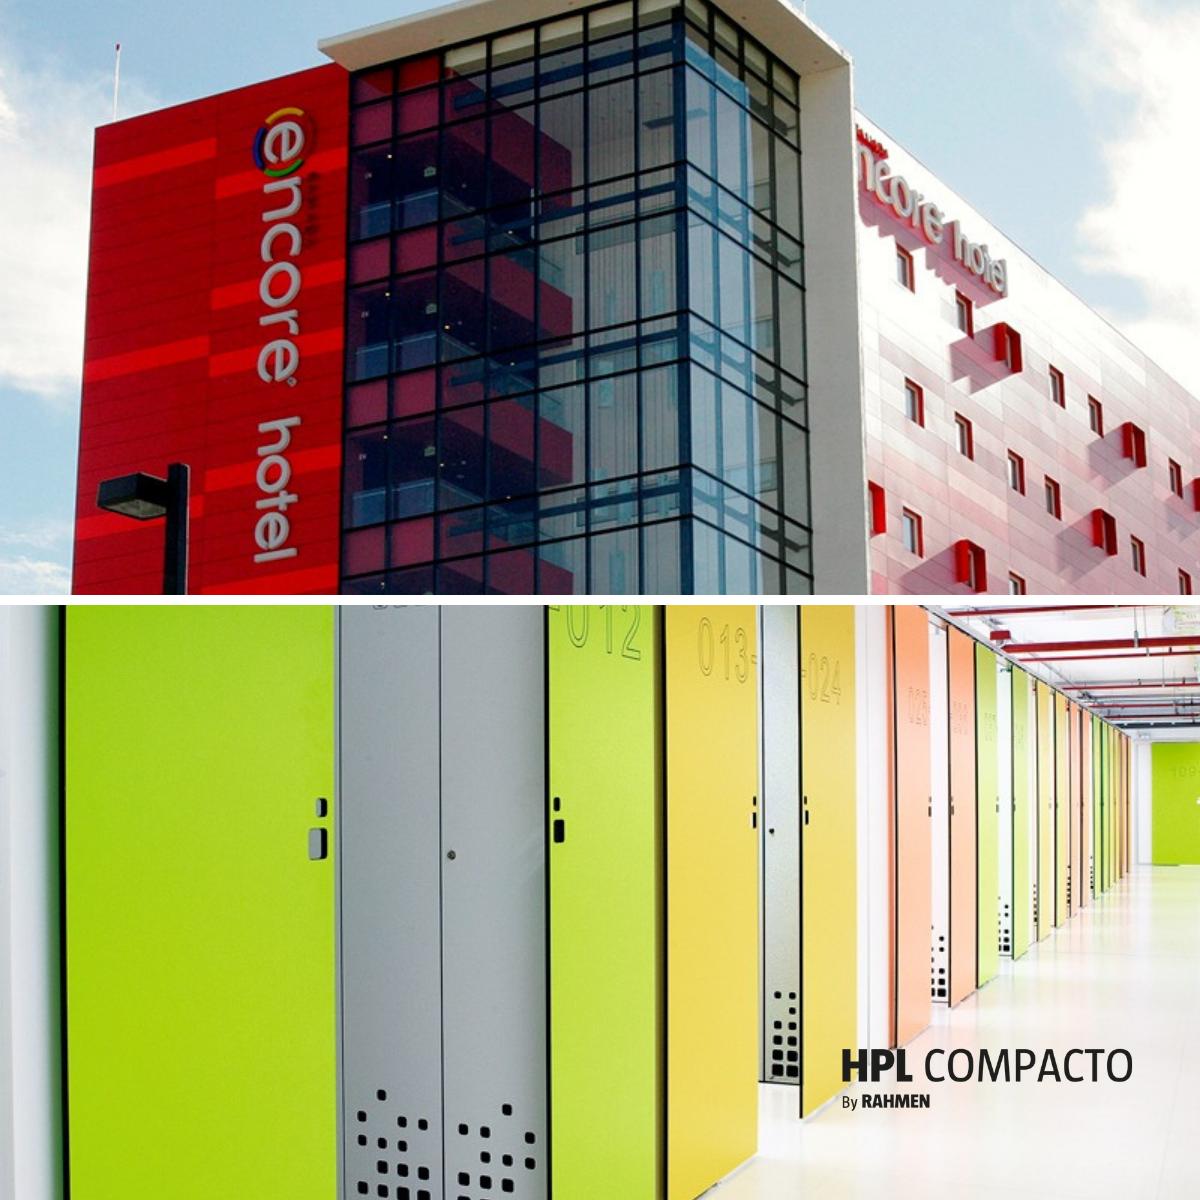 HPL Compacto by Rahmen